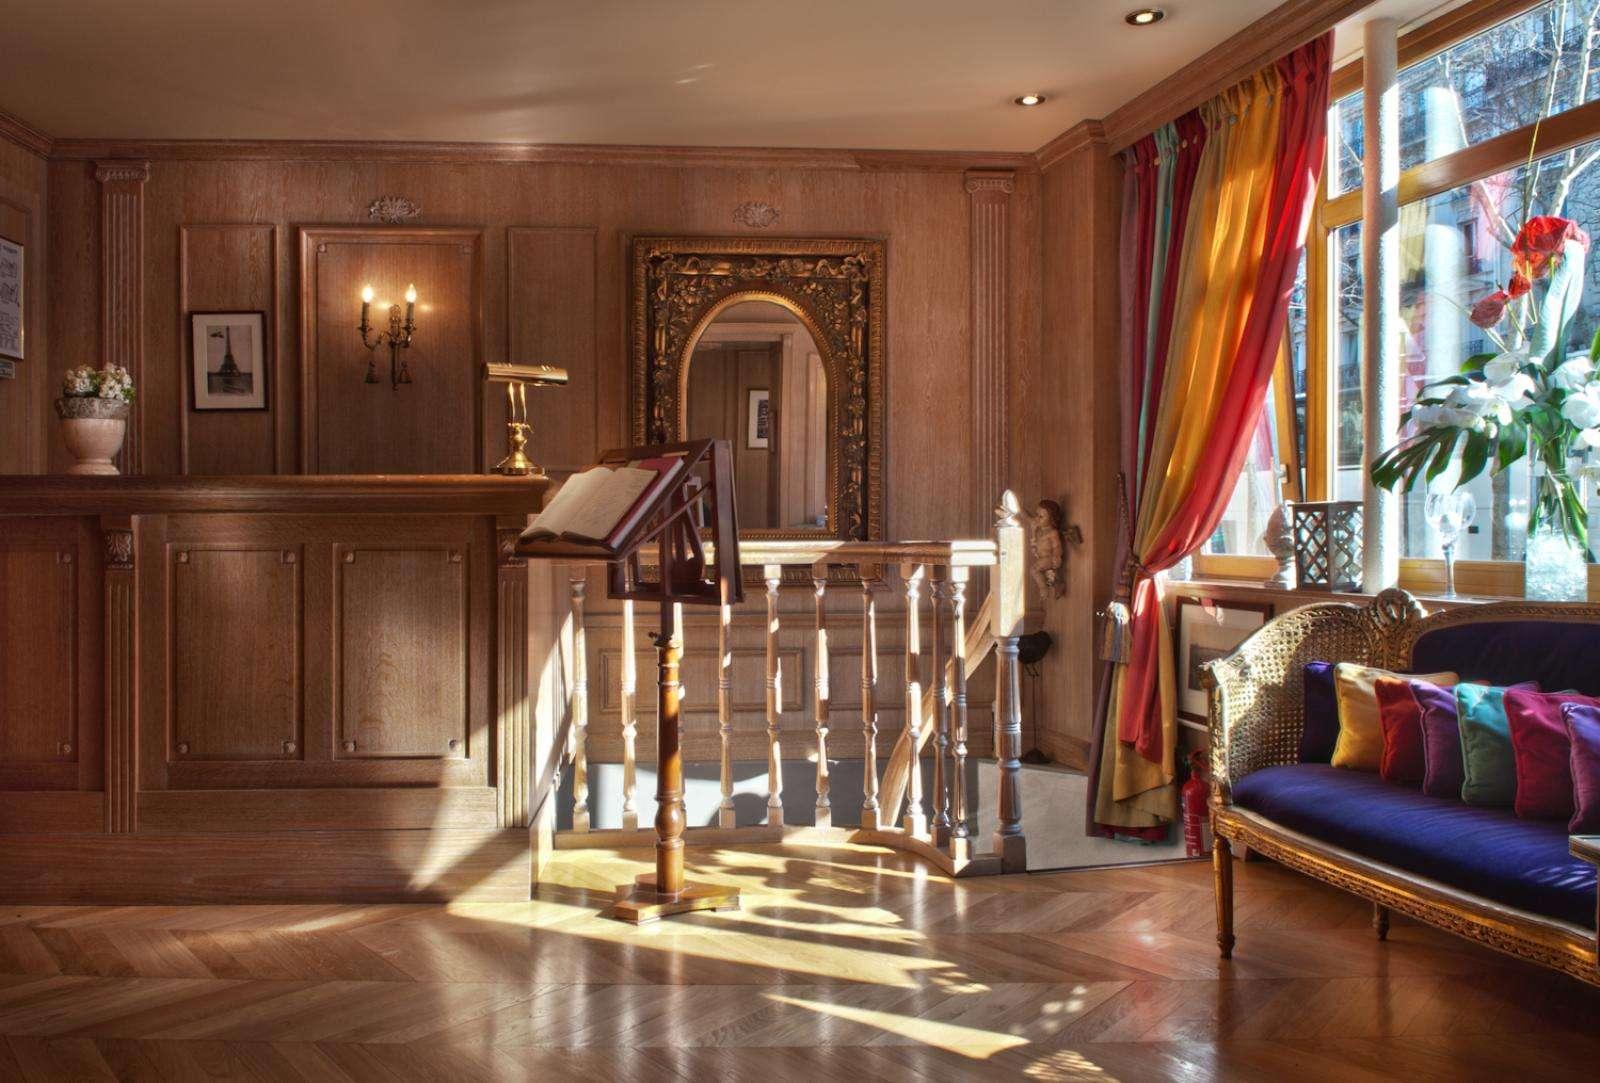 Hotel de la Motte Picquet Paris - Servizi - Albergo Centro di Parigi